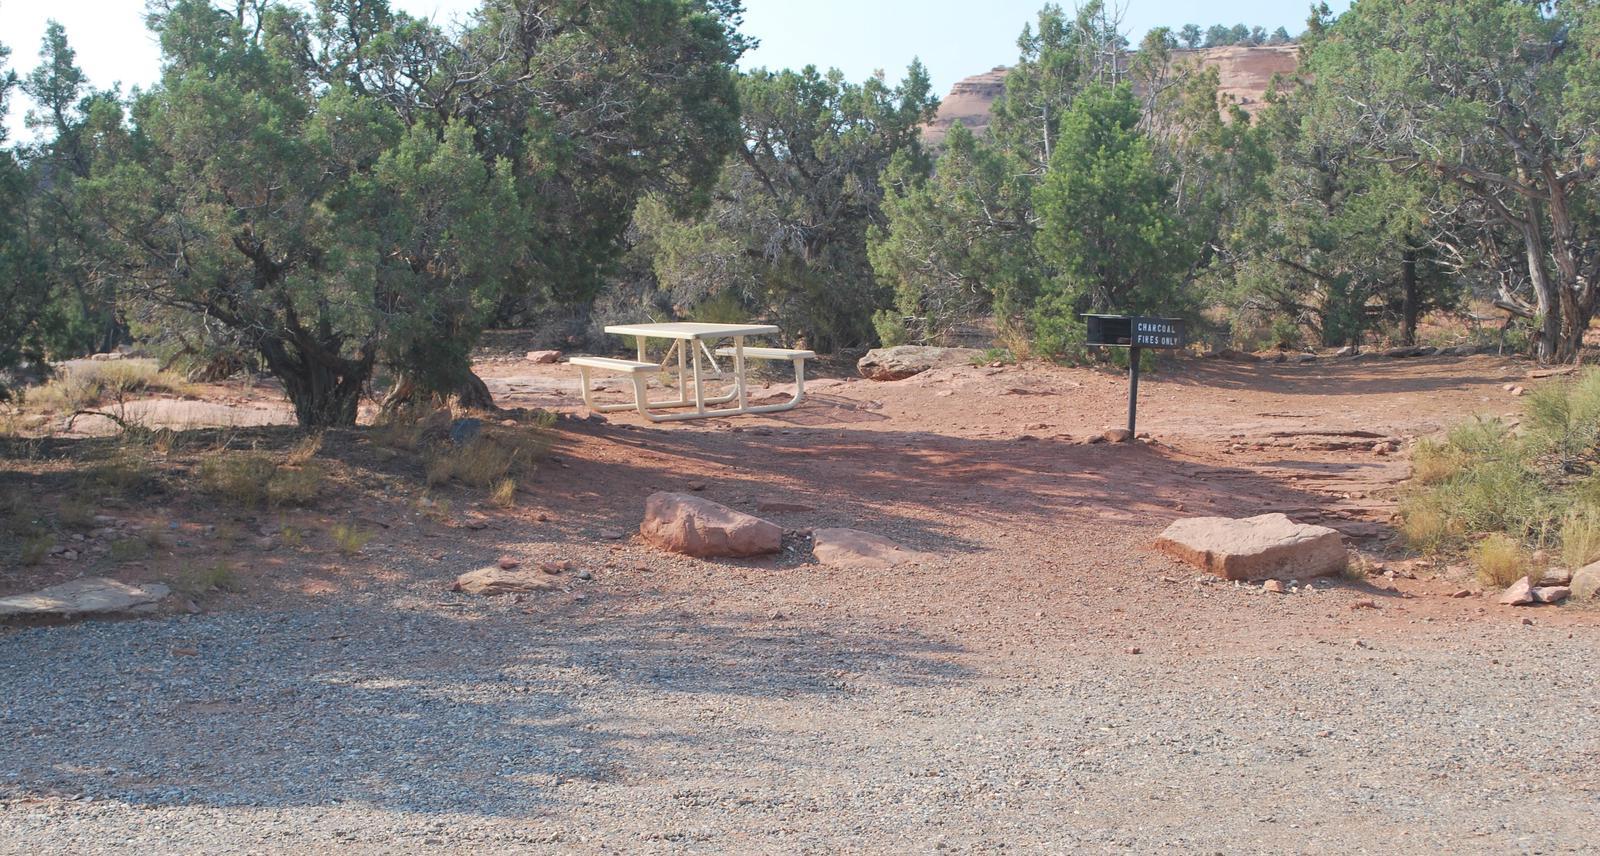 Loop A Site 12